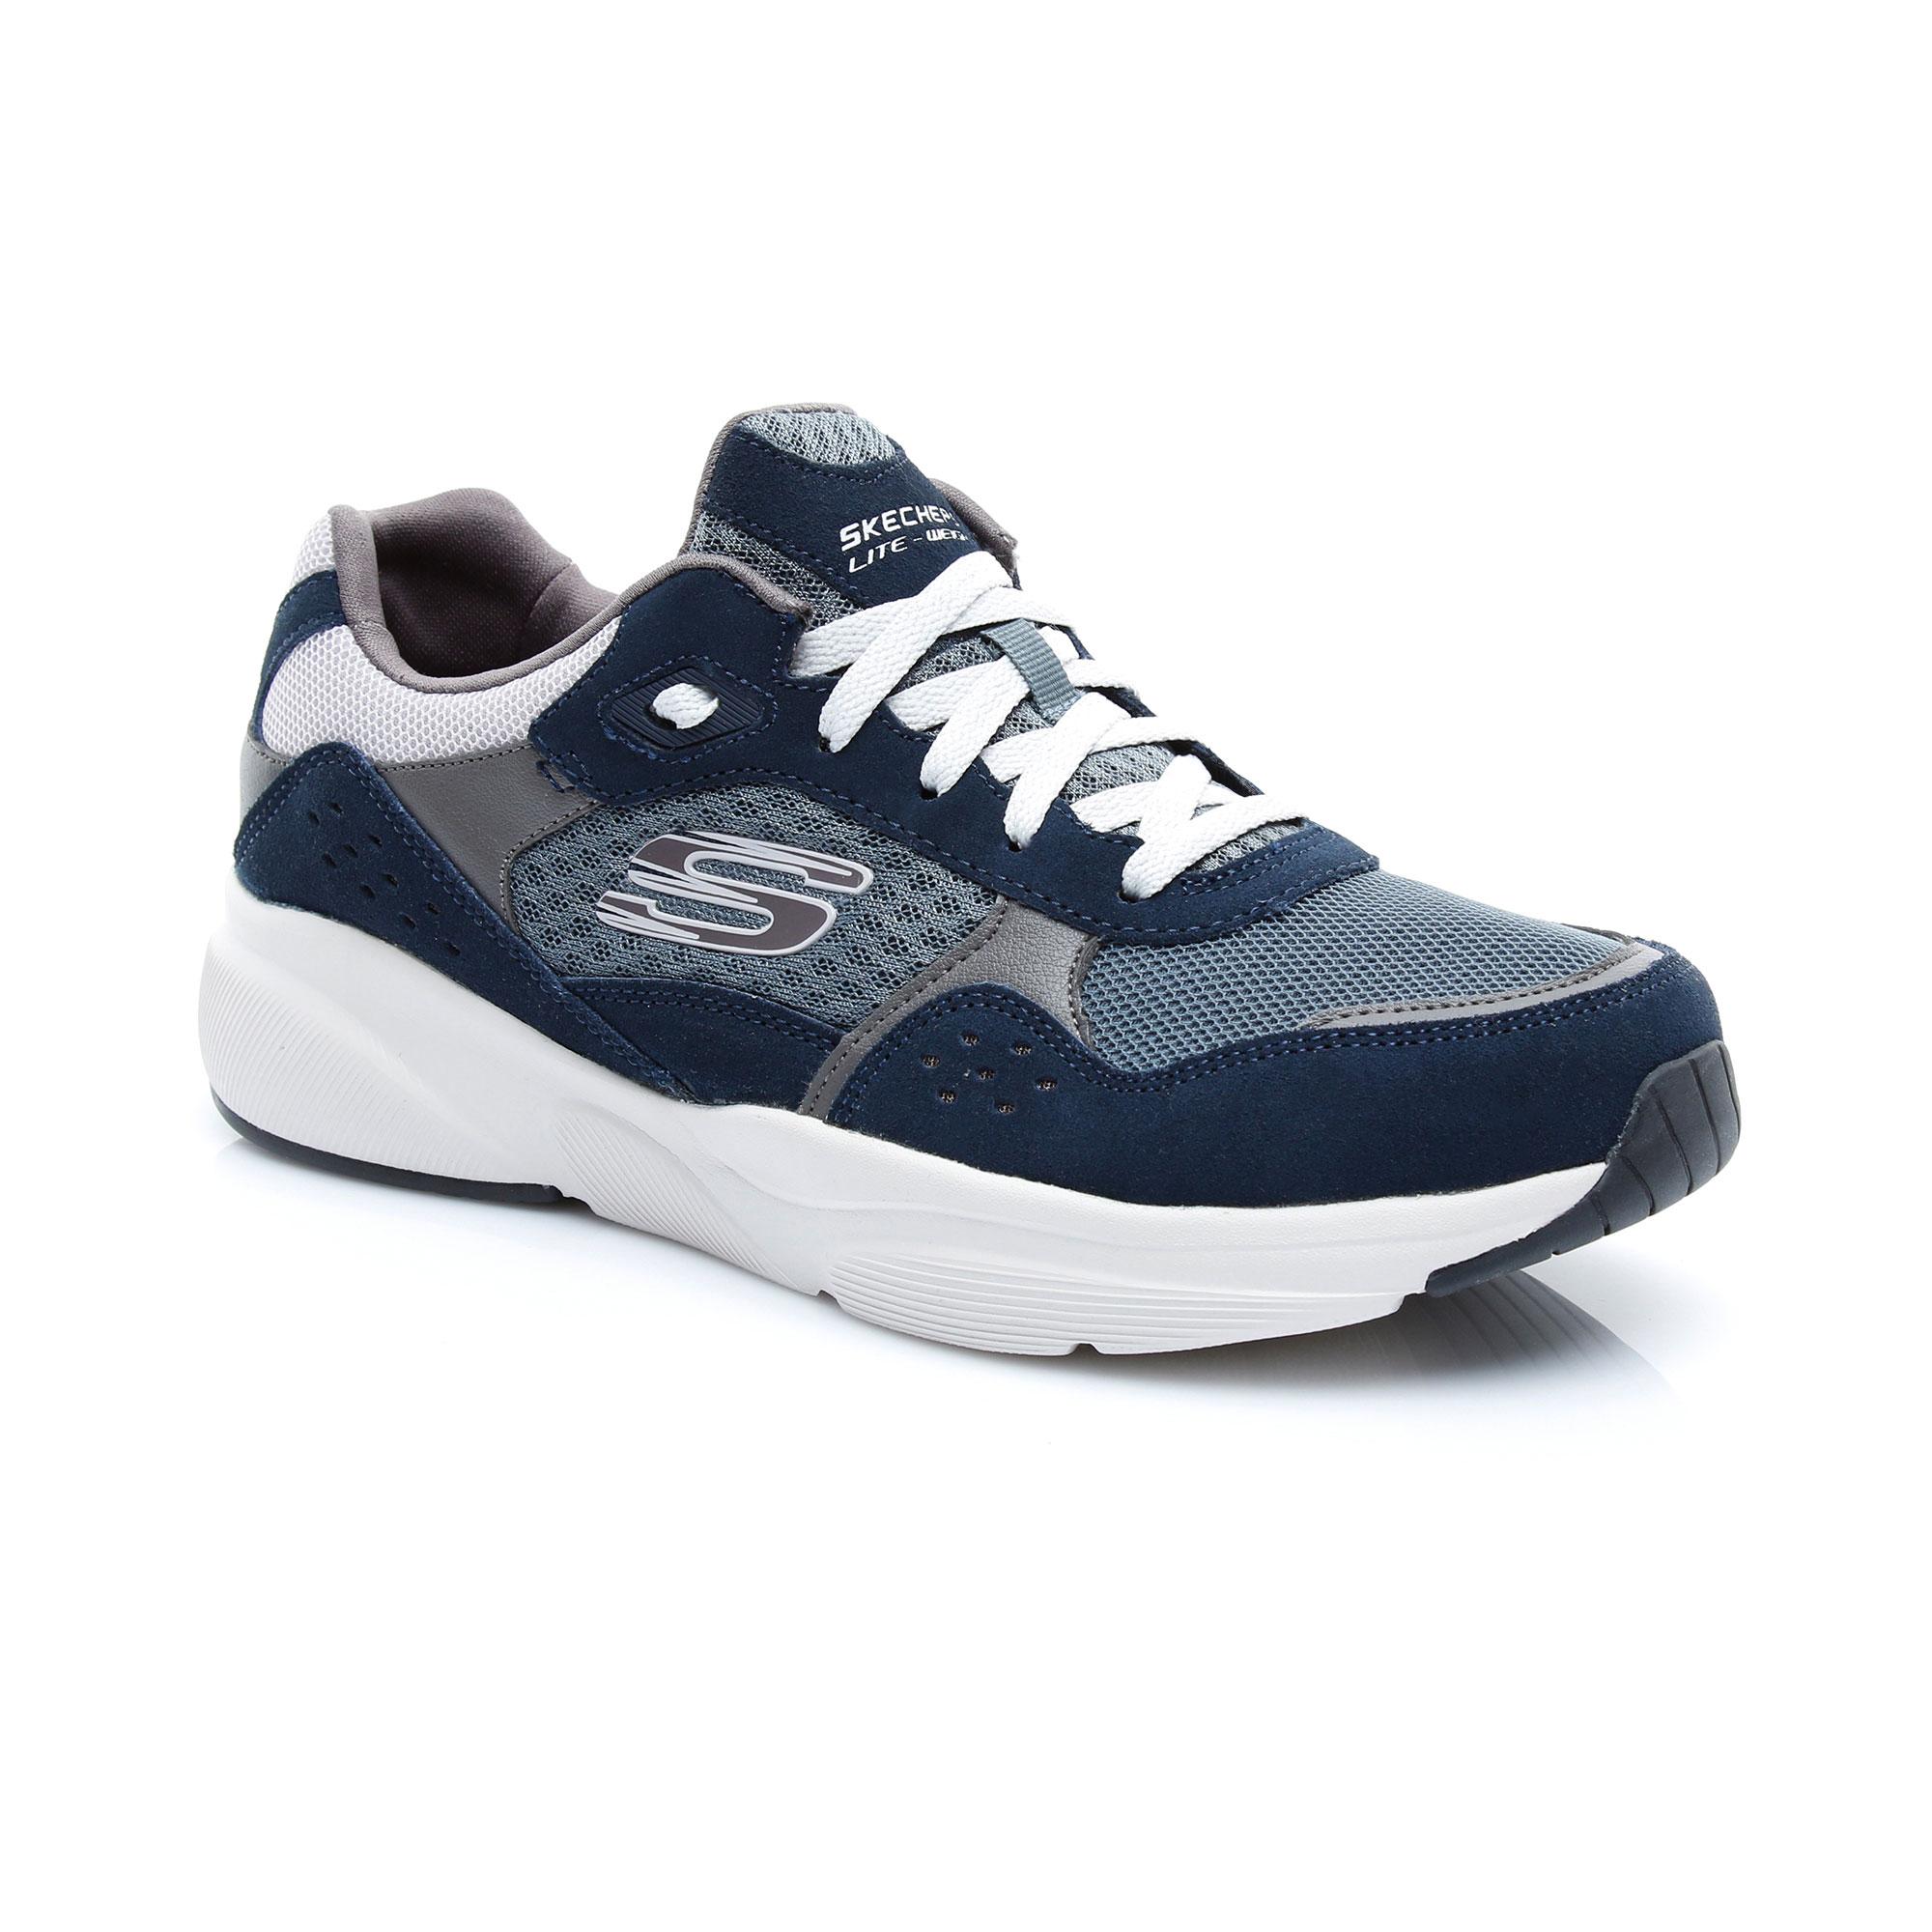 Skechers Meridian- Ostwall Erkek Lacivert-Mavi Spor Ayakkabı